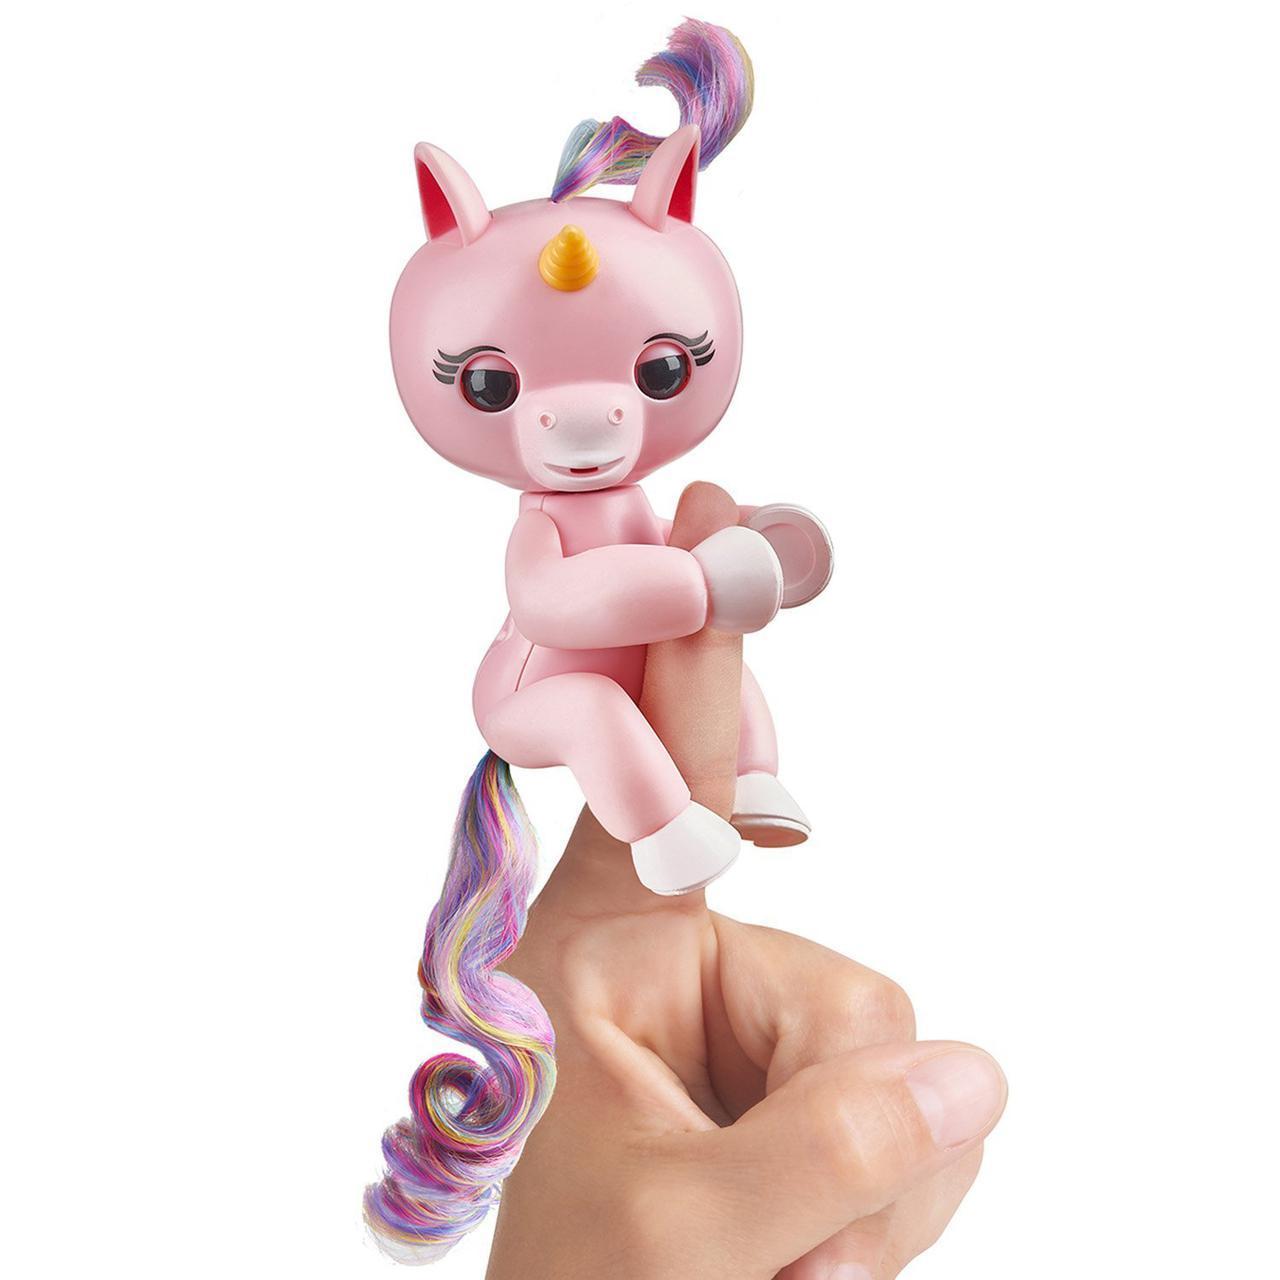 Оригинал Интерактивная игрушка фингерлинг Единорог Джемма Fingerlings Baby Unicorn - Gemma by WowWee